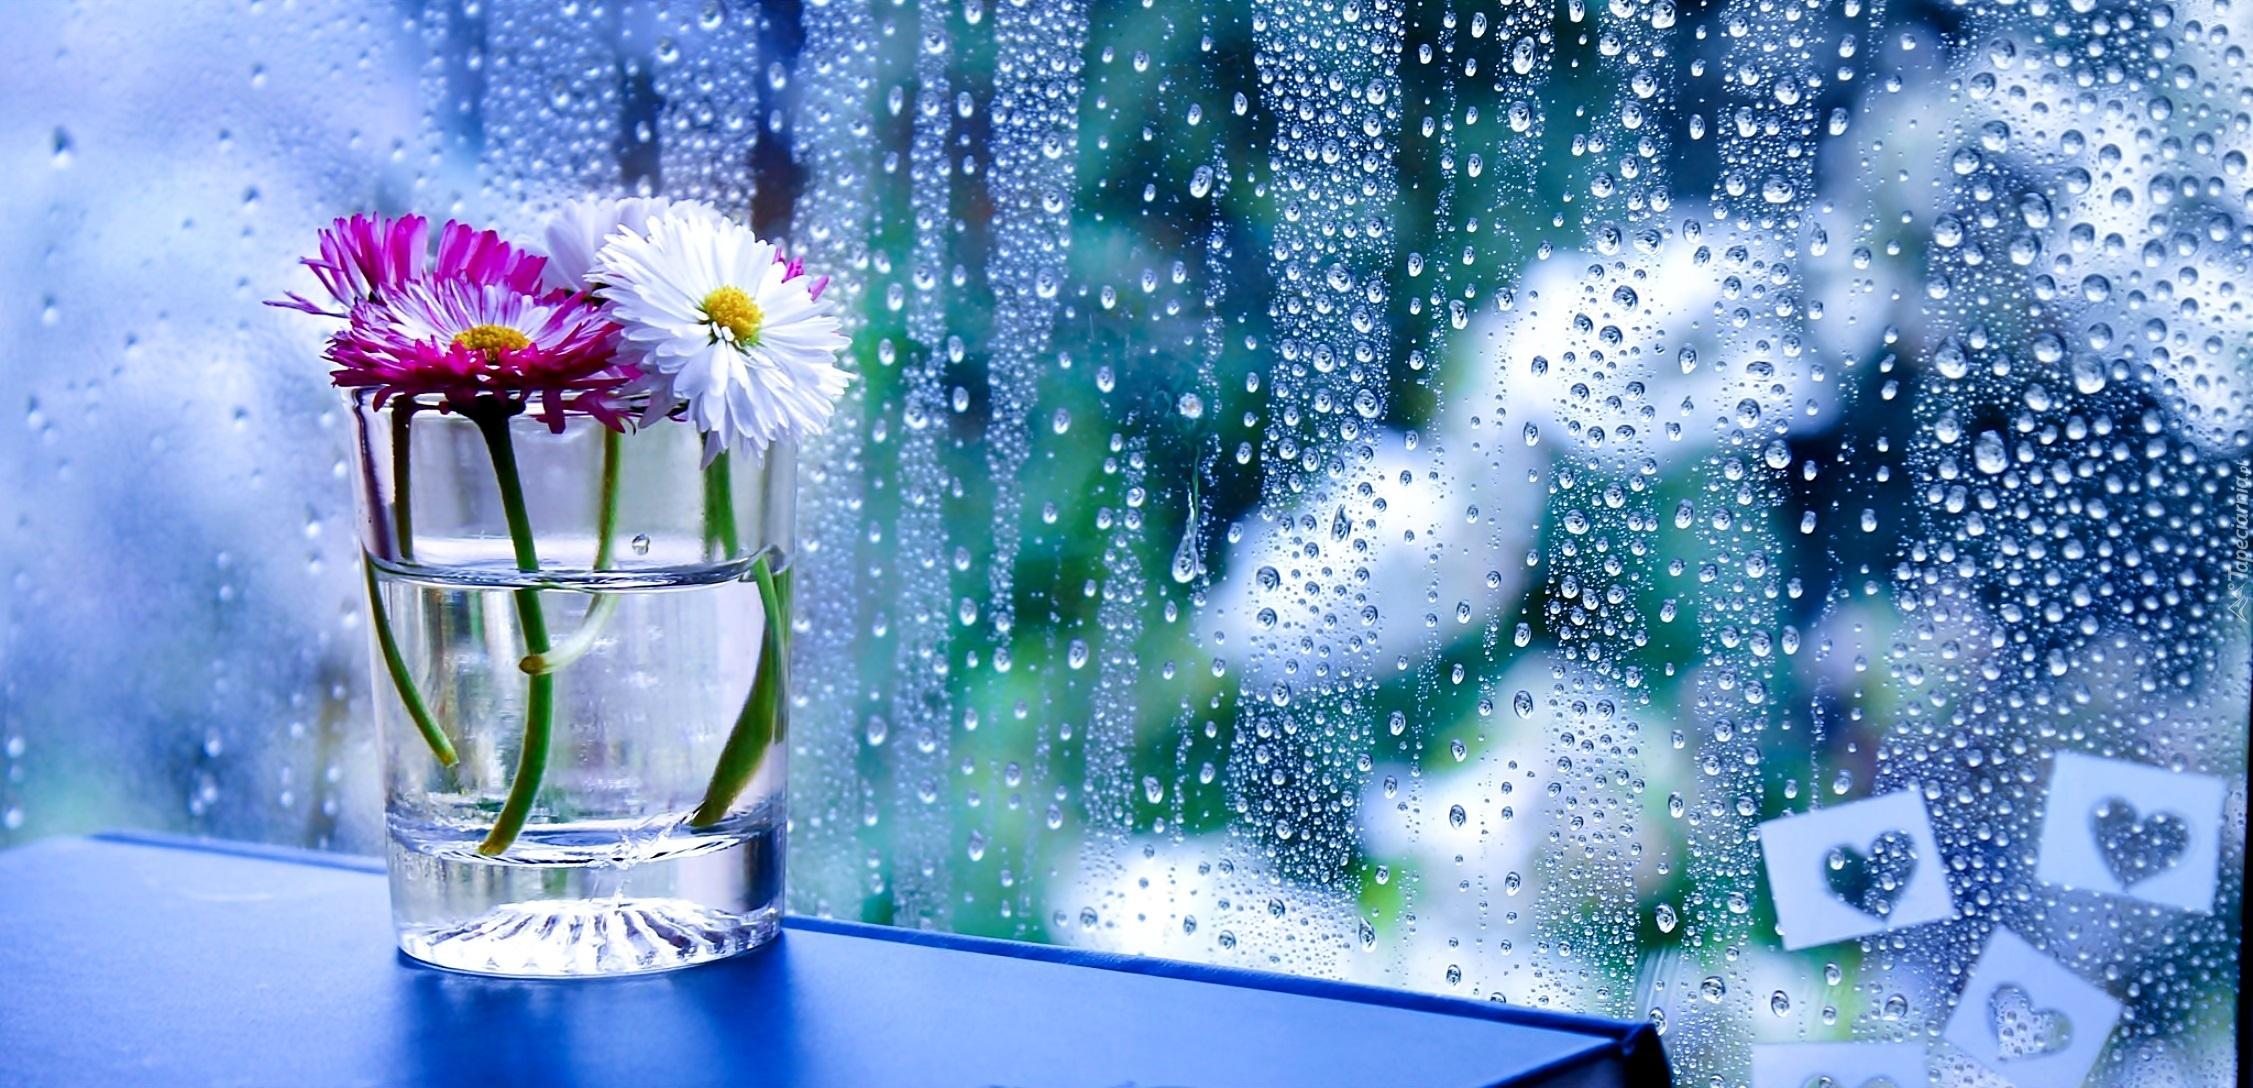 Kwiaty, Szyba, Deszcz